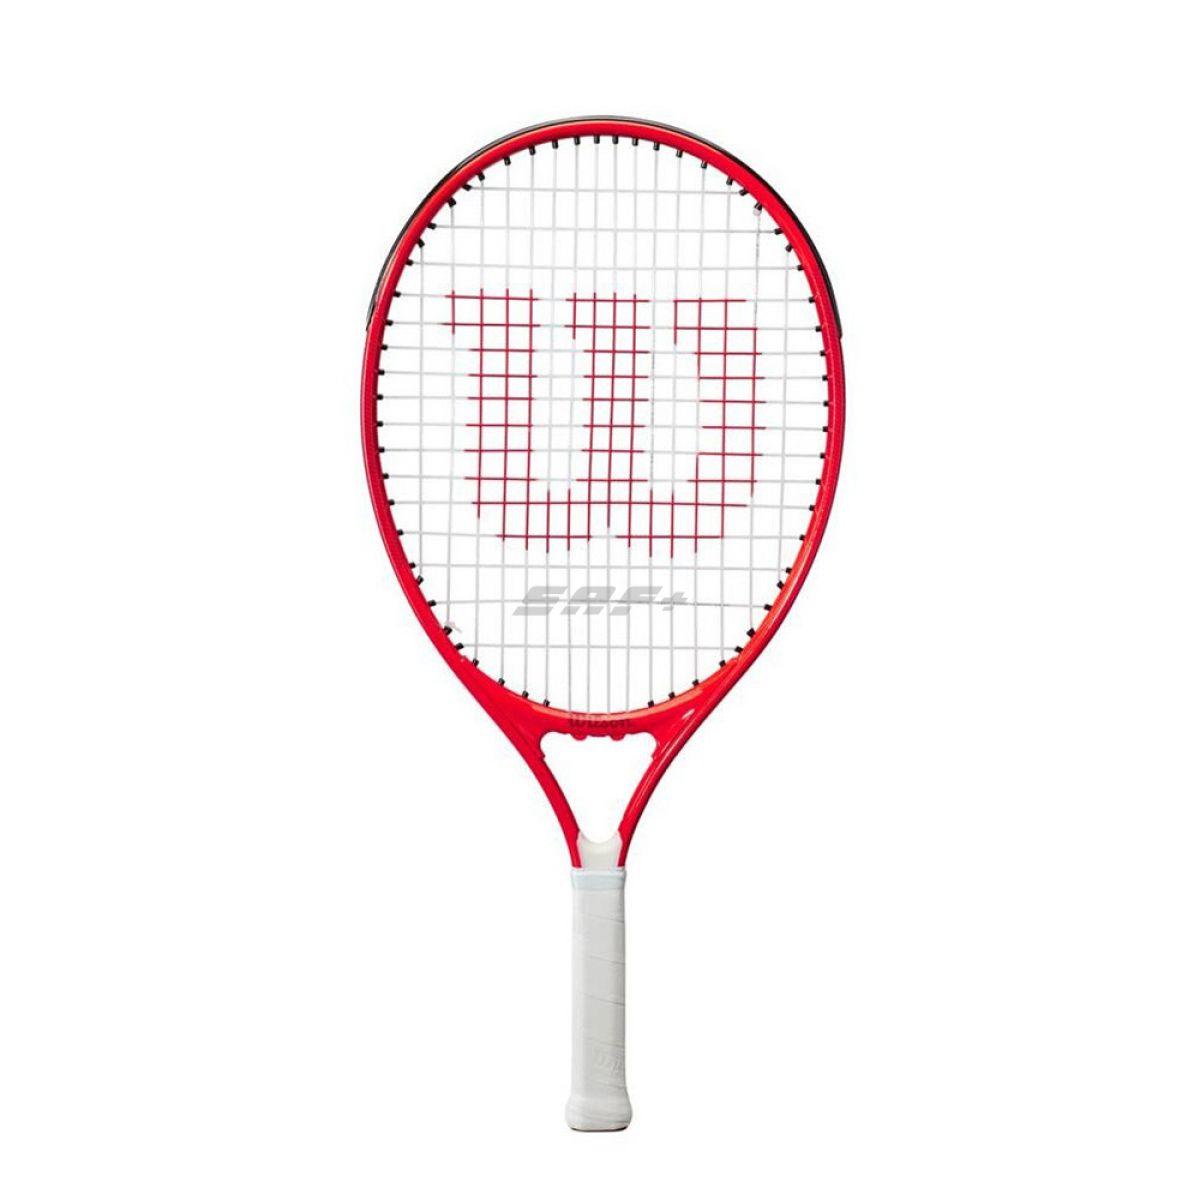 Ракетка б/т Wilson Roger Federer 25 Gr00,арт.WR054310H, для дет.9-10 лет, алюм., со струн, красн-бел